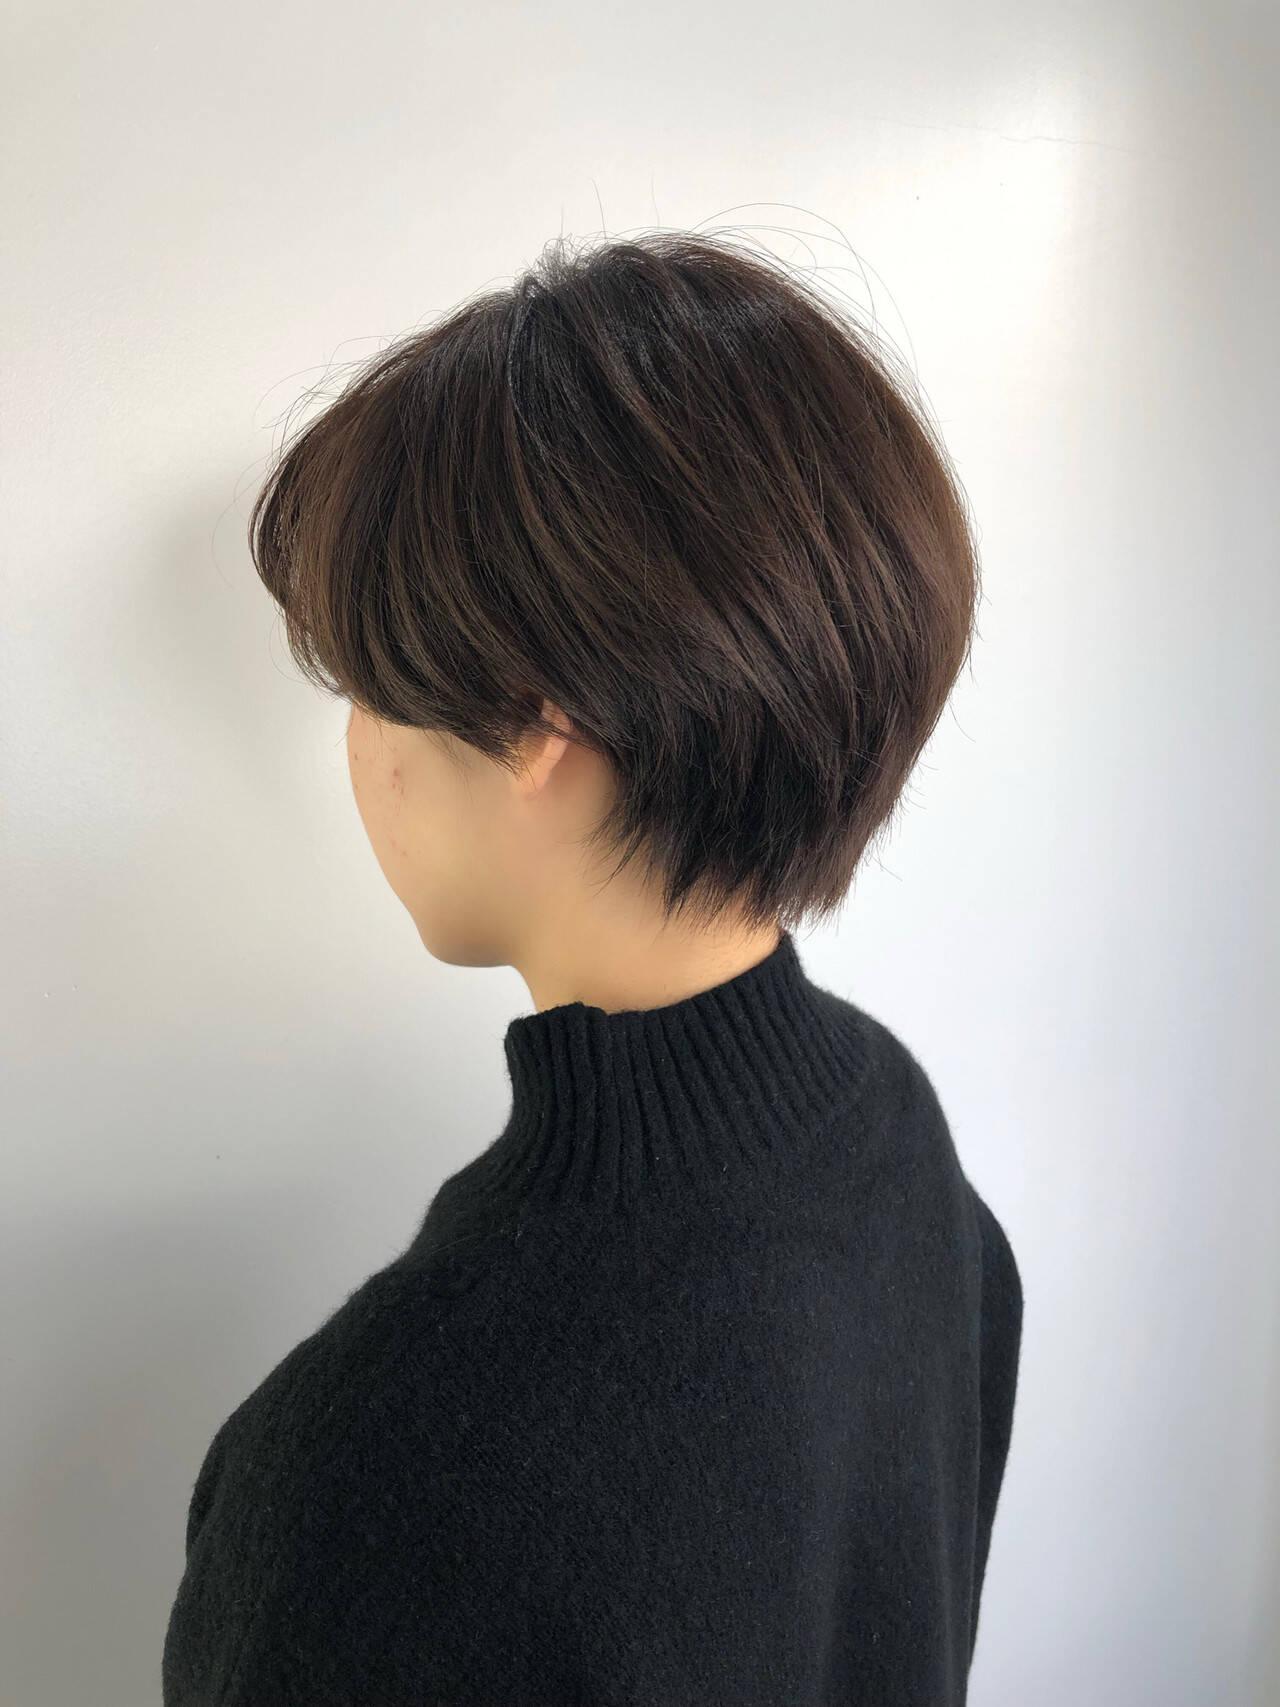 艶カラー イルミナカラー ハンサムショート ショートヘアスタイルや髪型の写真・画像